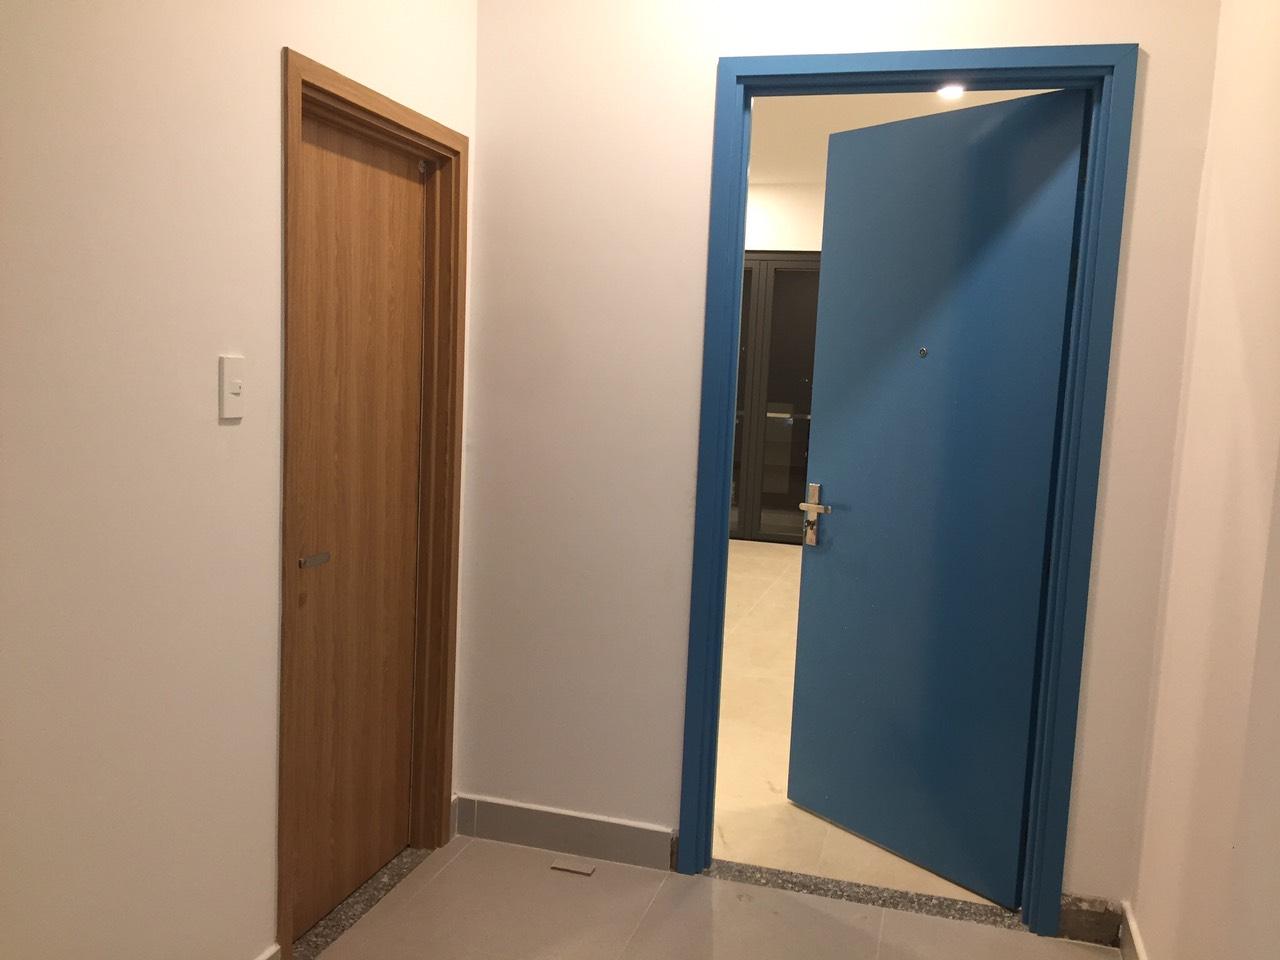 Mẫu cửa nhựa Composite sơn PU xanh.